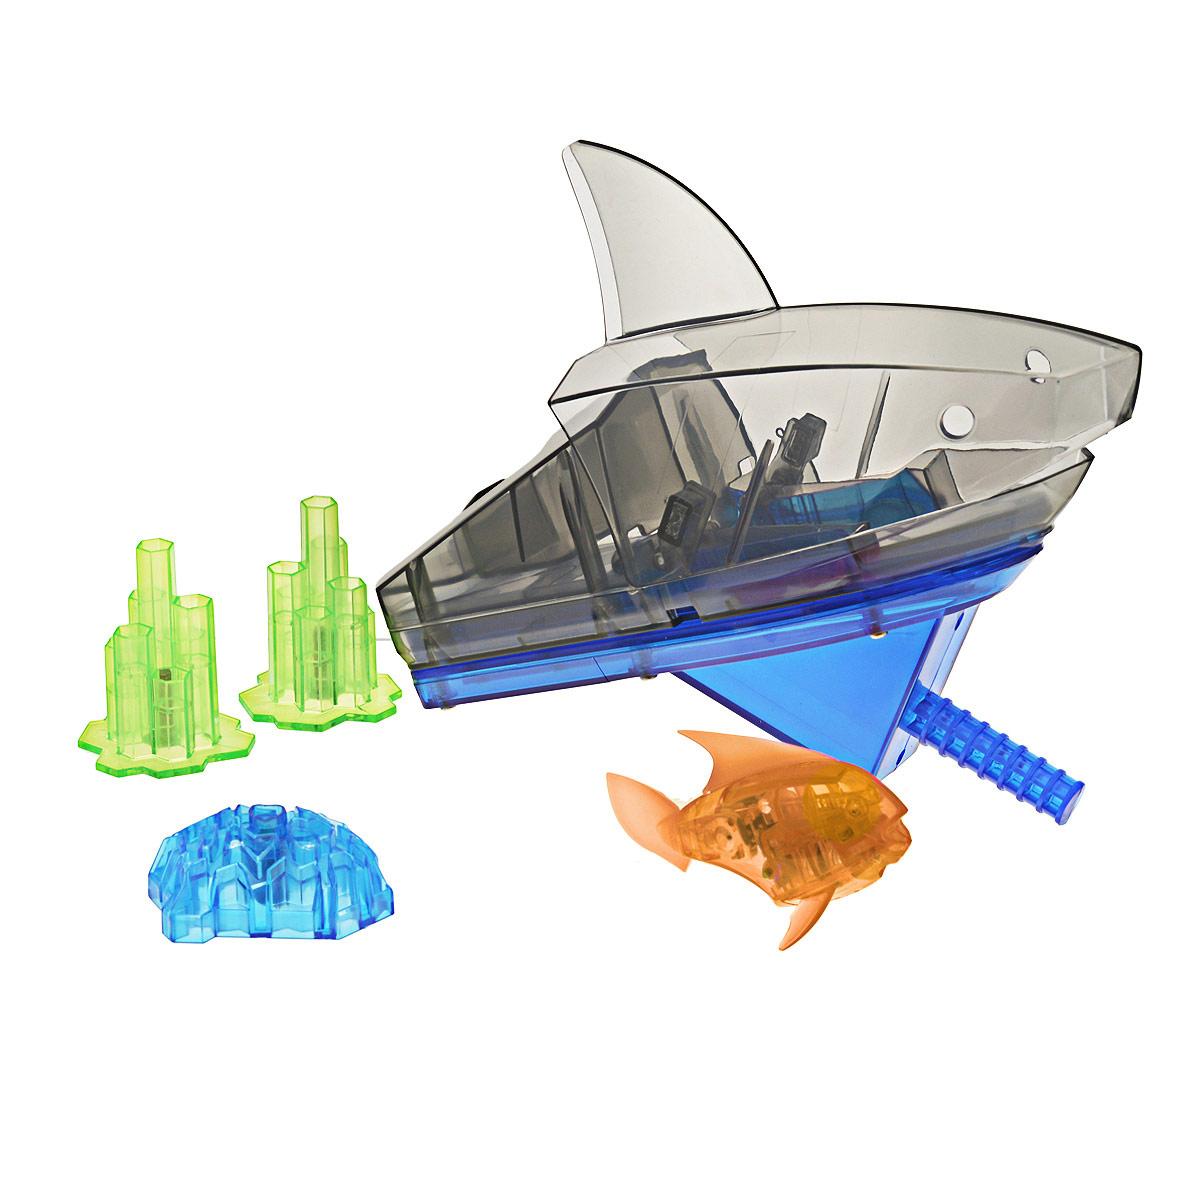 Игровой набор Aqua Bot Shark Tank, цвет: оранжевый460-3358оранжевыйУникальный набор Hexbug Aquabot Shark Tank изготовлен из безопасного пластика и выполнен в виде забавной рыбки с аквариумом и игровыми элементами для него. Теперь микро-роботы осваивают и водные глубины! В набор входит рыбка-робот, аквариум, три игрушечных коралла, декоративная голова акулы. Микро-робот Hexbug Aqua Bot плавает как настоящая рыба и непредсказуем в направлении движения. Опустите его в воду и он оживет! Если микро-робот замер, то достаточно просто всколыхнуть воду и он снова поплывёт. Вне воды микро-робот автоматически выключается. Микро-робот светится в темноте. Для работы игрушки необходимы 2 батареи типа AG13/LR44 (входят в комплект).